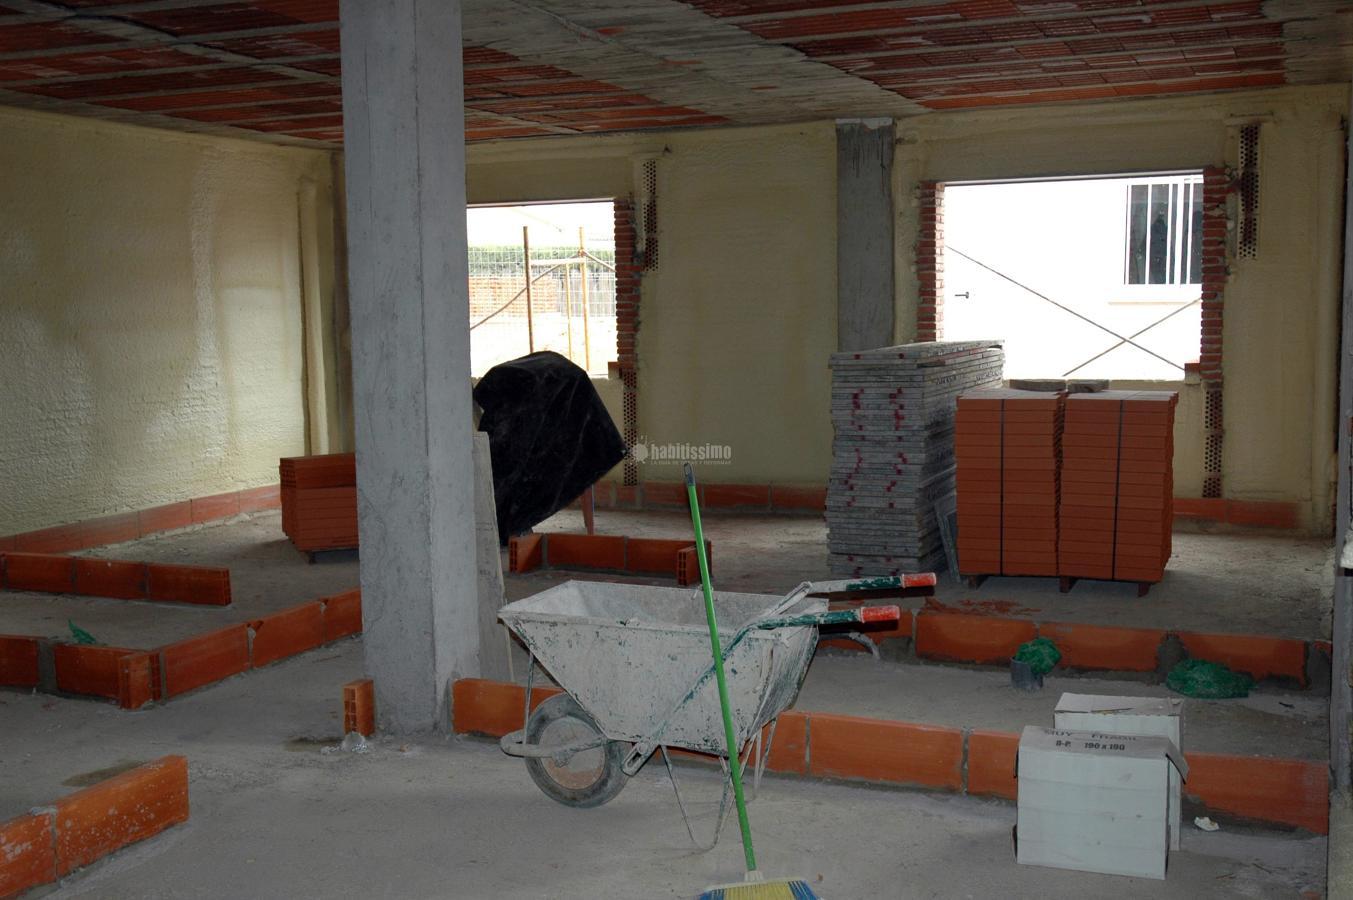 Foto construcci n casas art culos decoraci n reforma de for Decoracion construccion